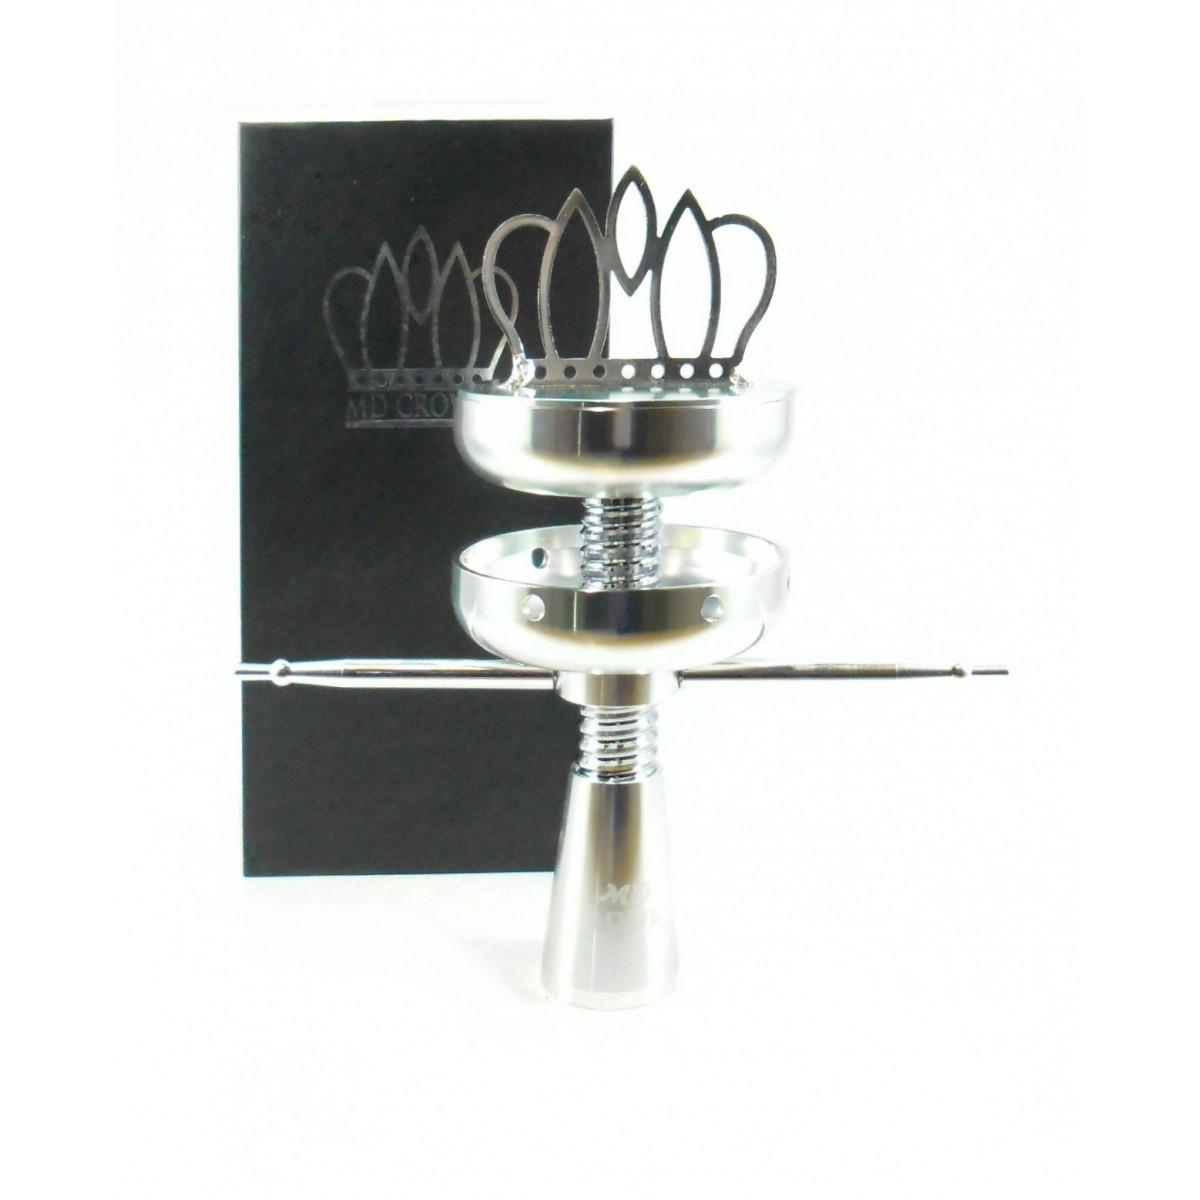 Fornilho invertido em alumínio, com controlador do calor MD CROWN, 18cm.